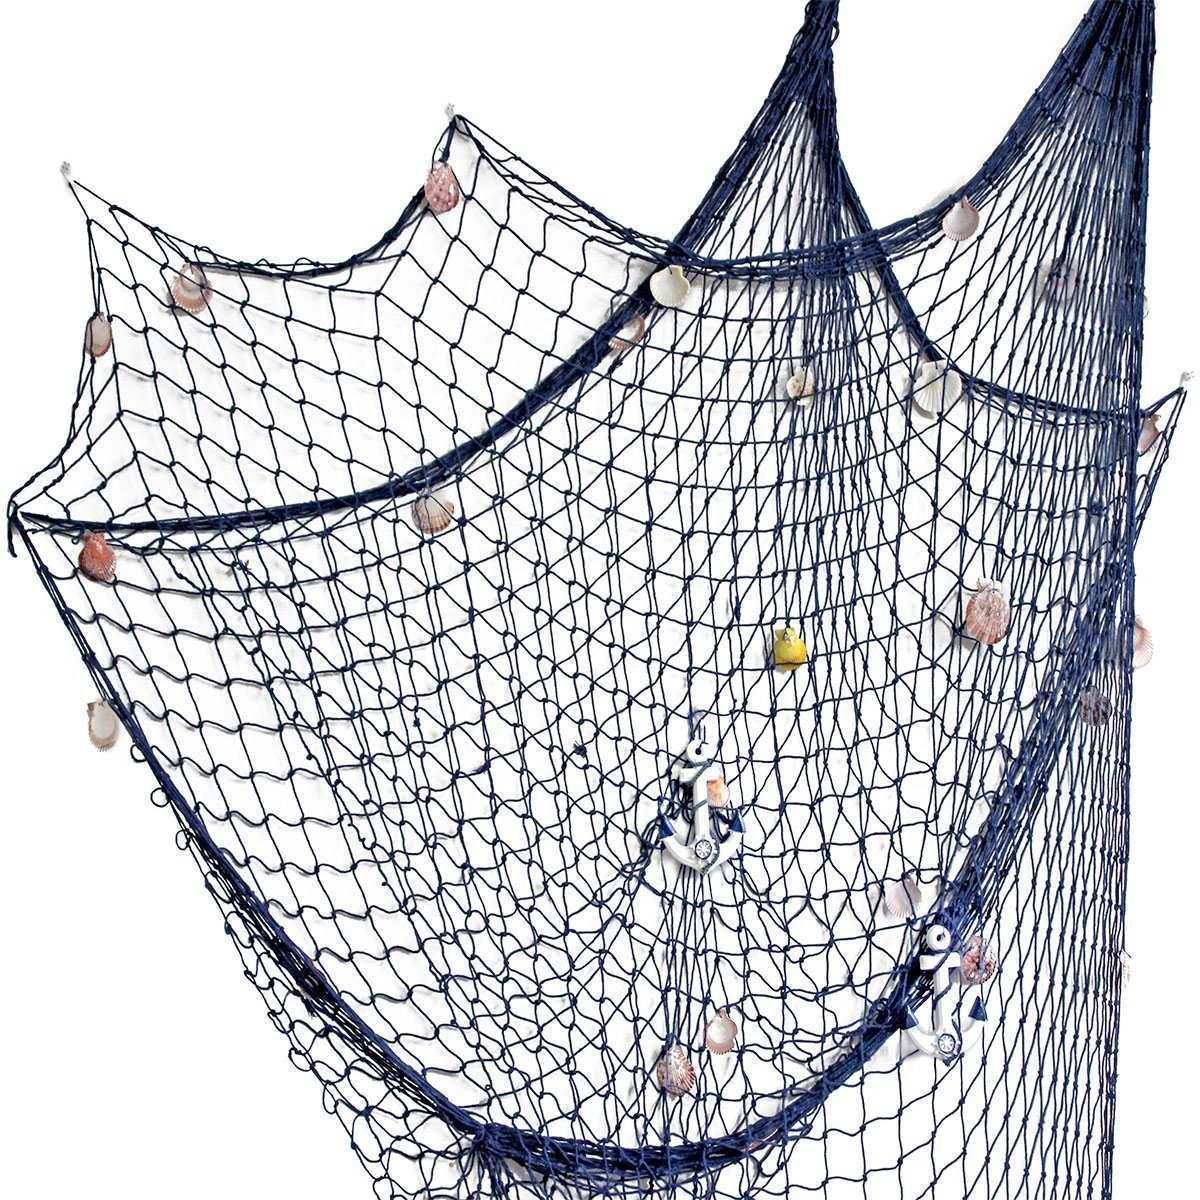 Resultado de imagen para red de pesca